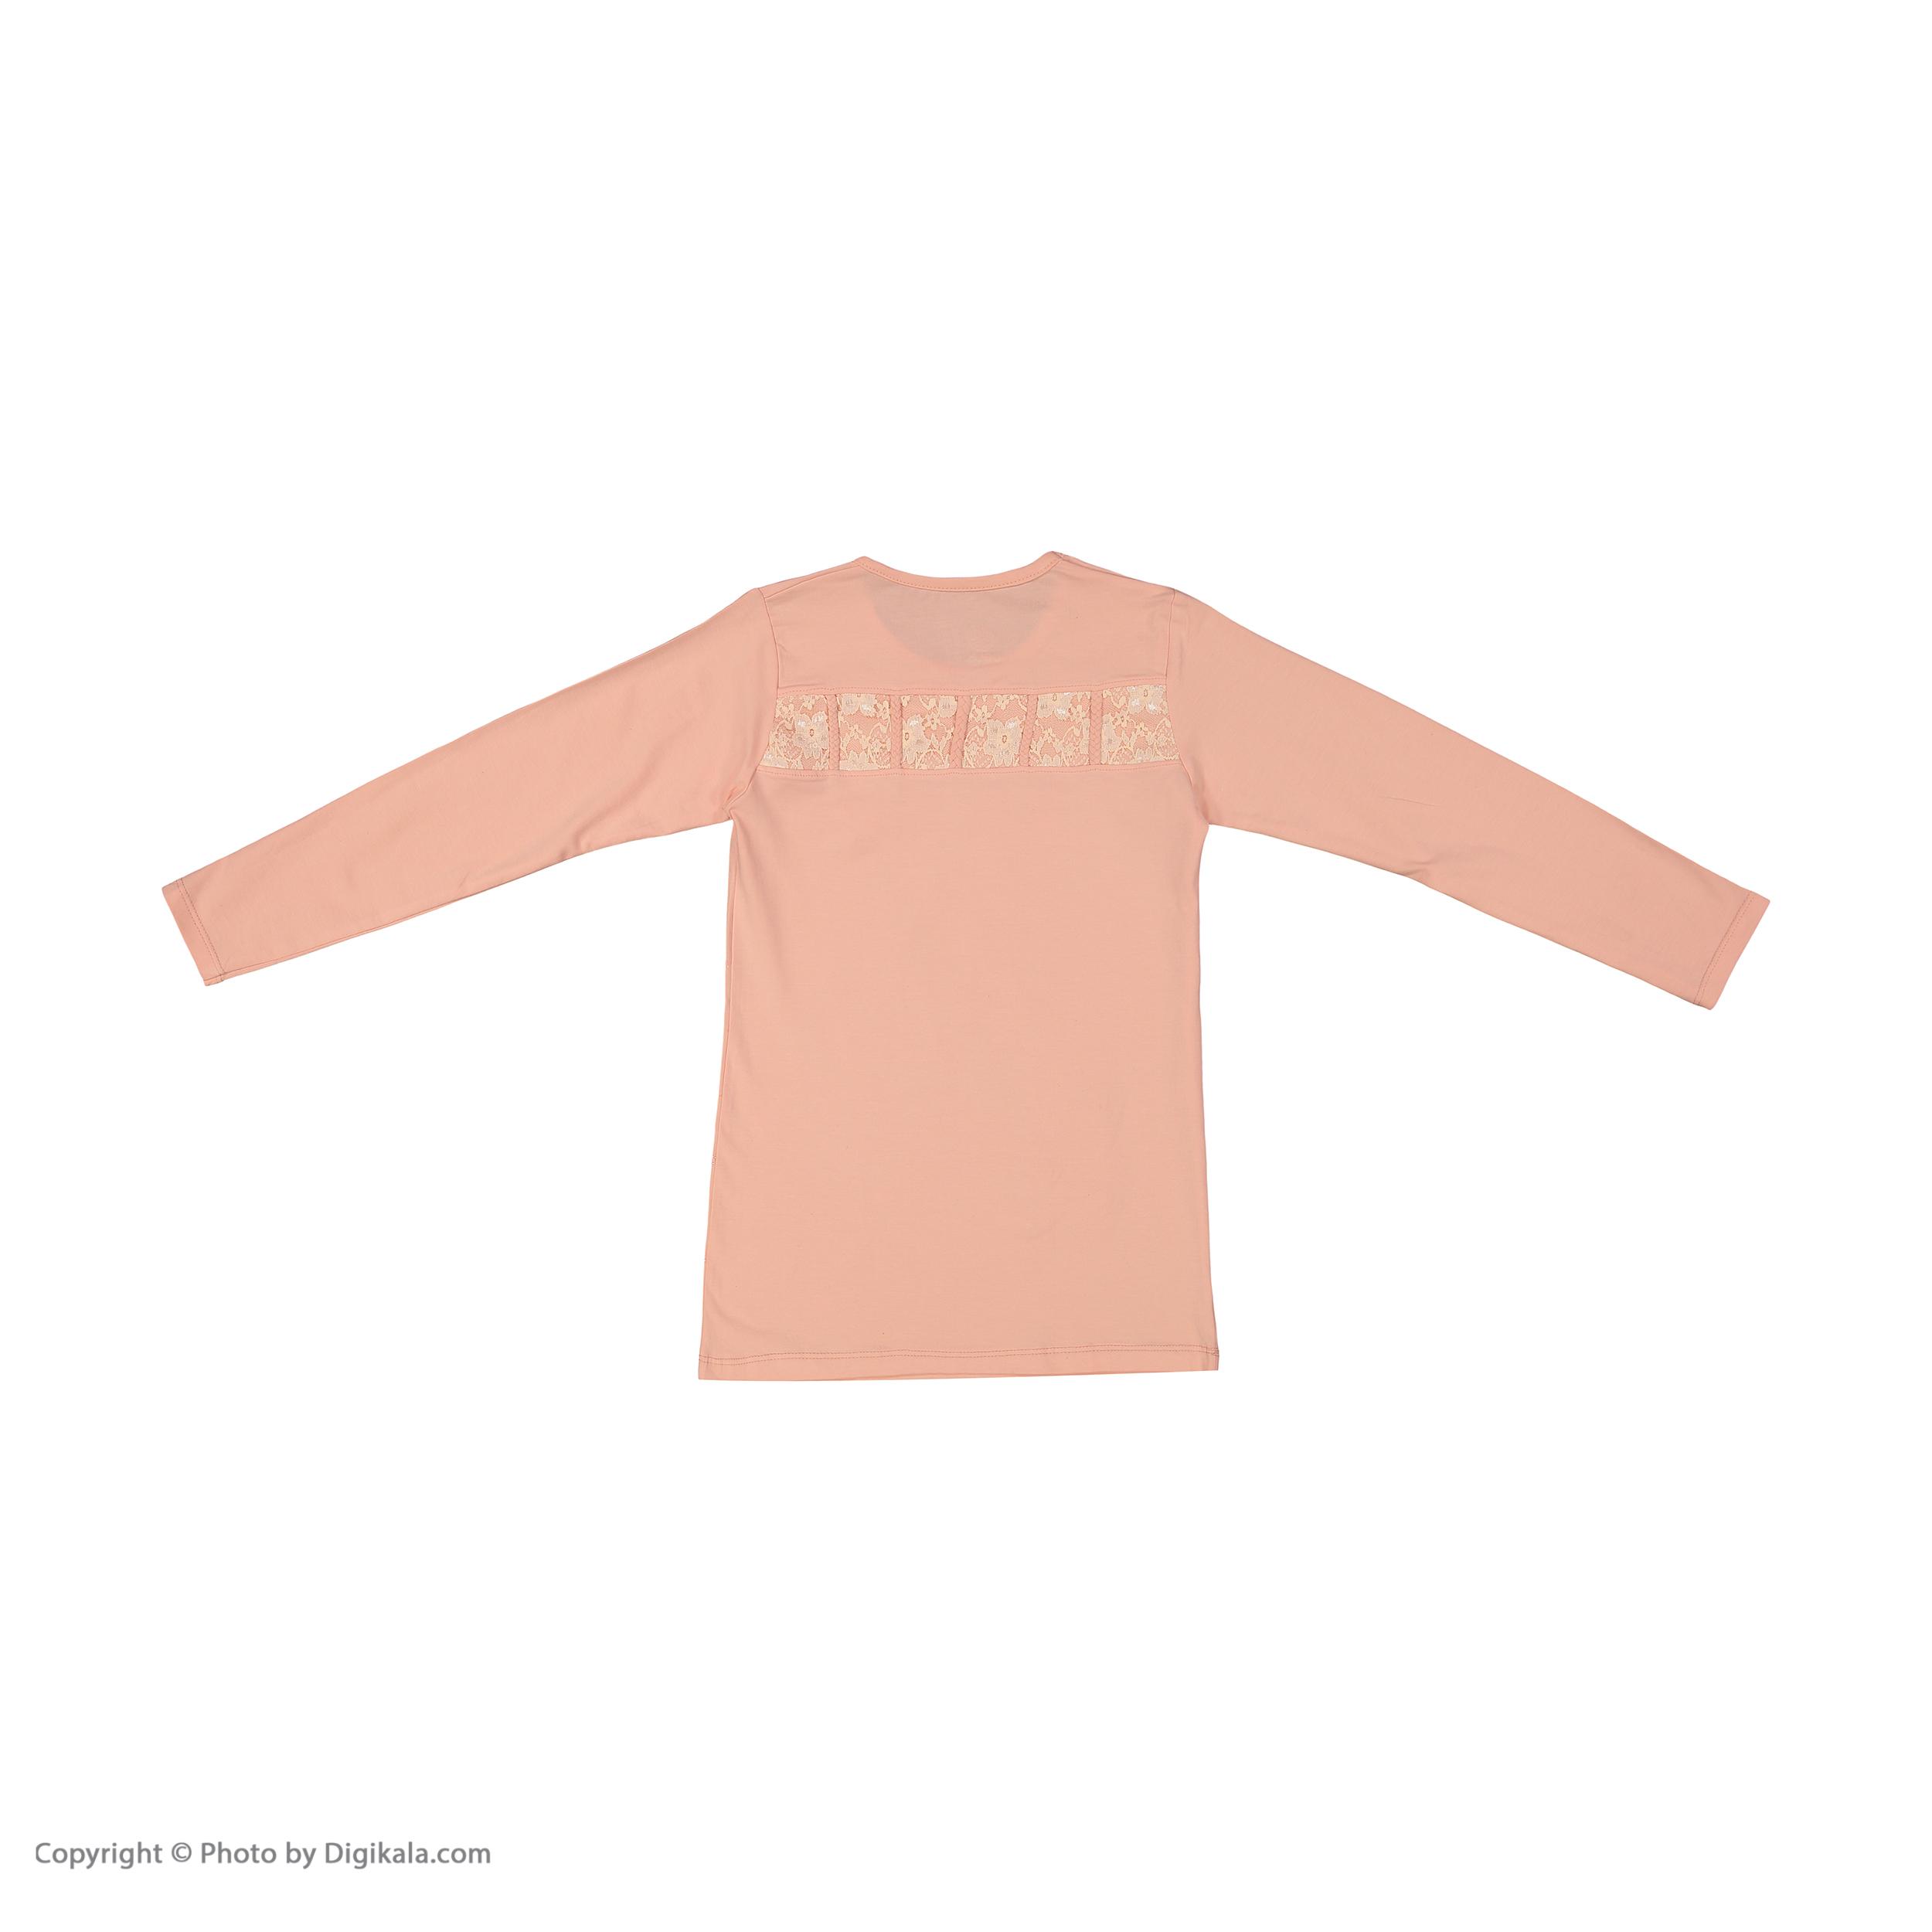 تی شرت دخترانه سون پون مدل 1391354-84 -  - 4